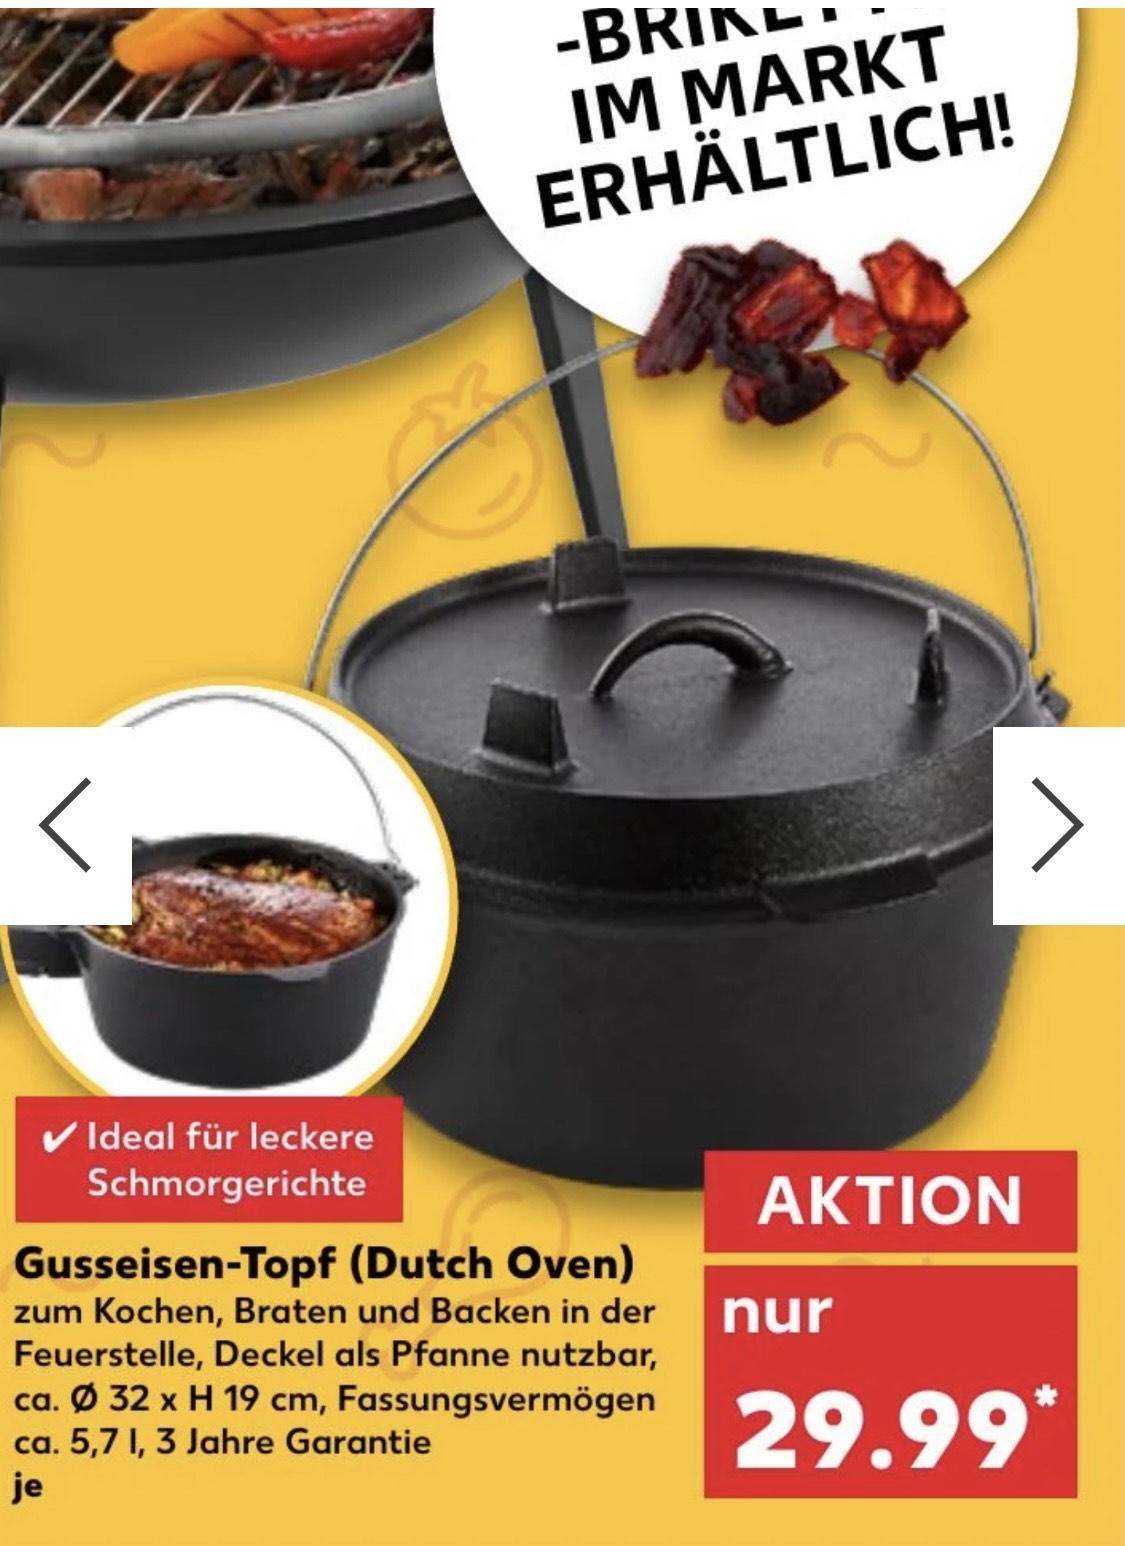 Dutch Oven bei Kaufland